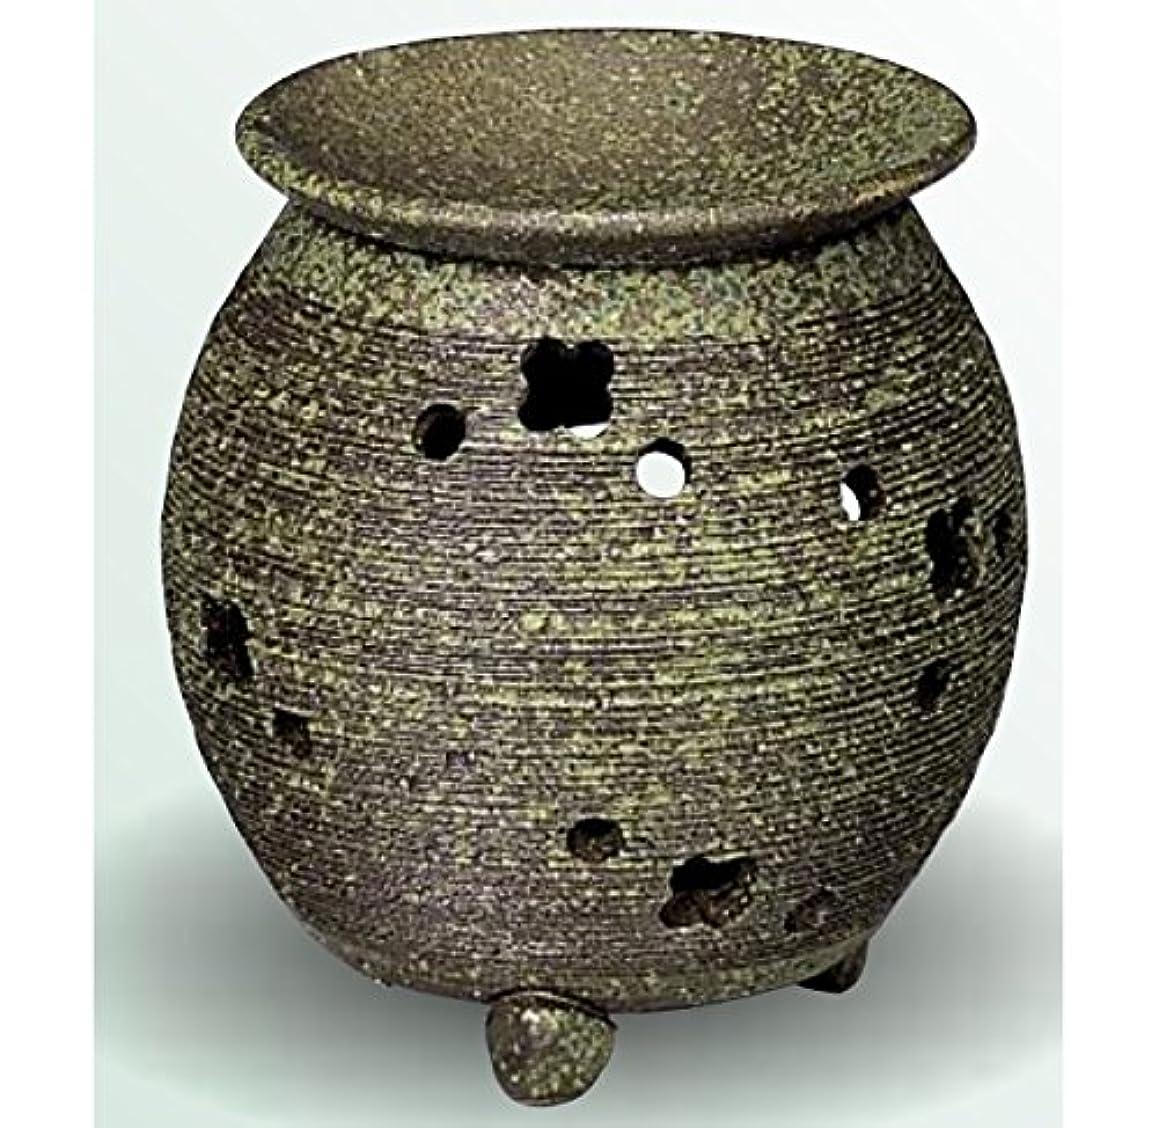 馬鹿げたコミュニケーション戦略常滑焼 茶香炉(アロマポット) 径10×高さ11.5cm